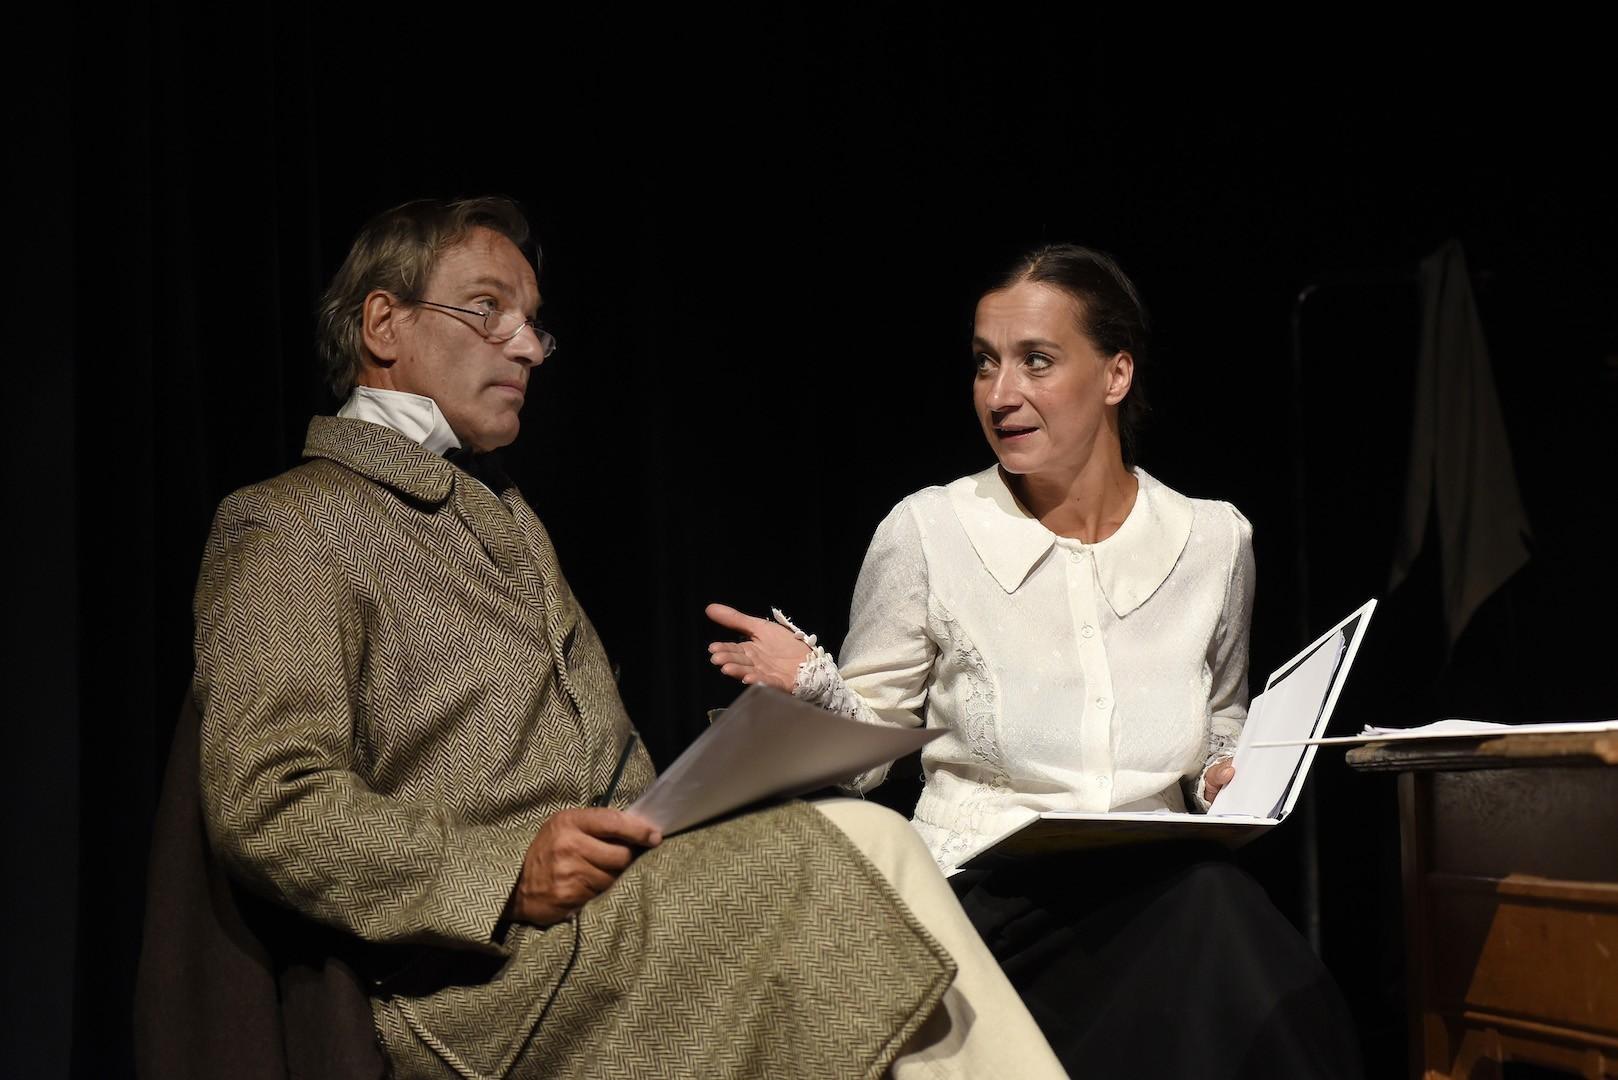 Viel zu bereden: Peter Lüchinger und Petra-Janina Schultz. Foto: Marianne Menke